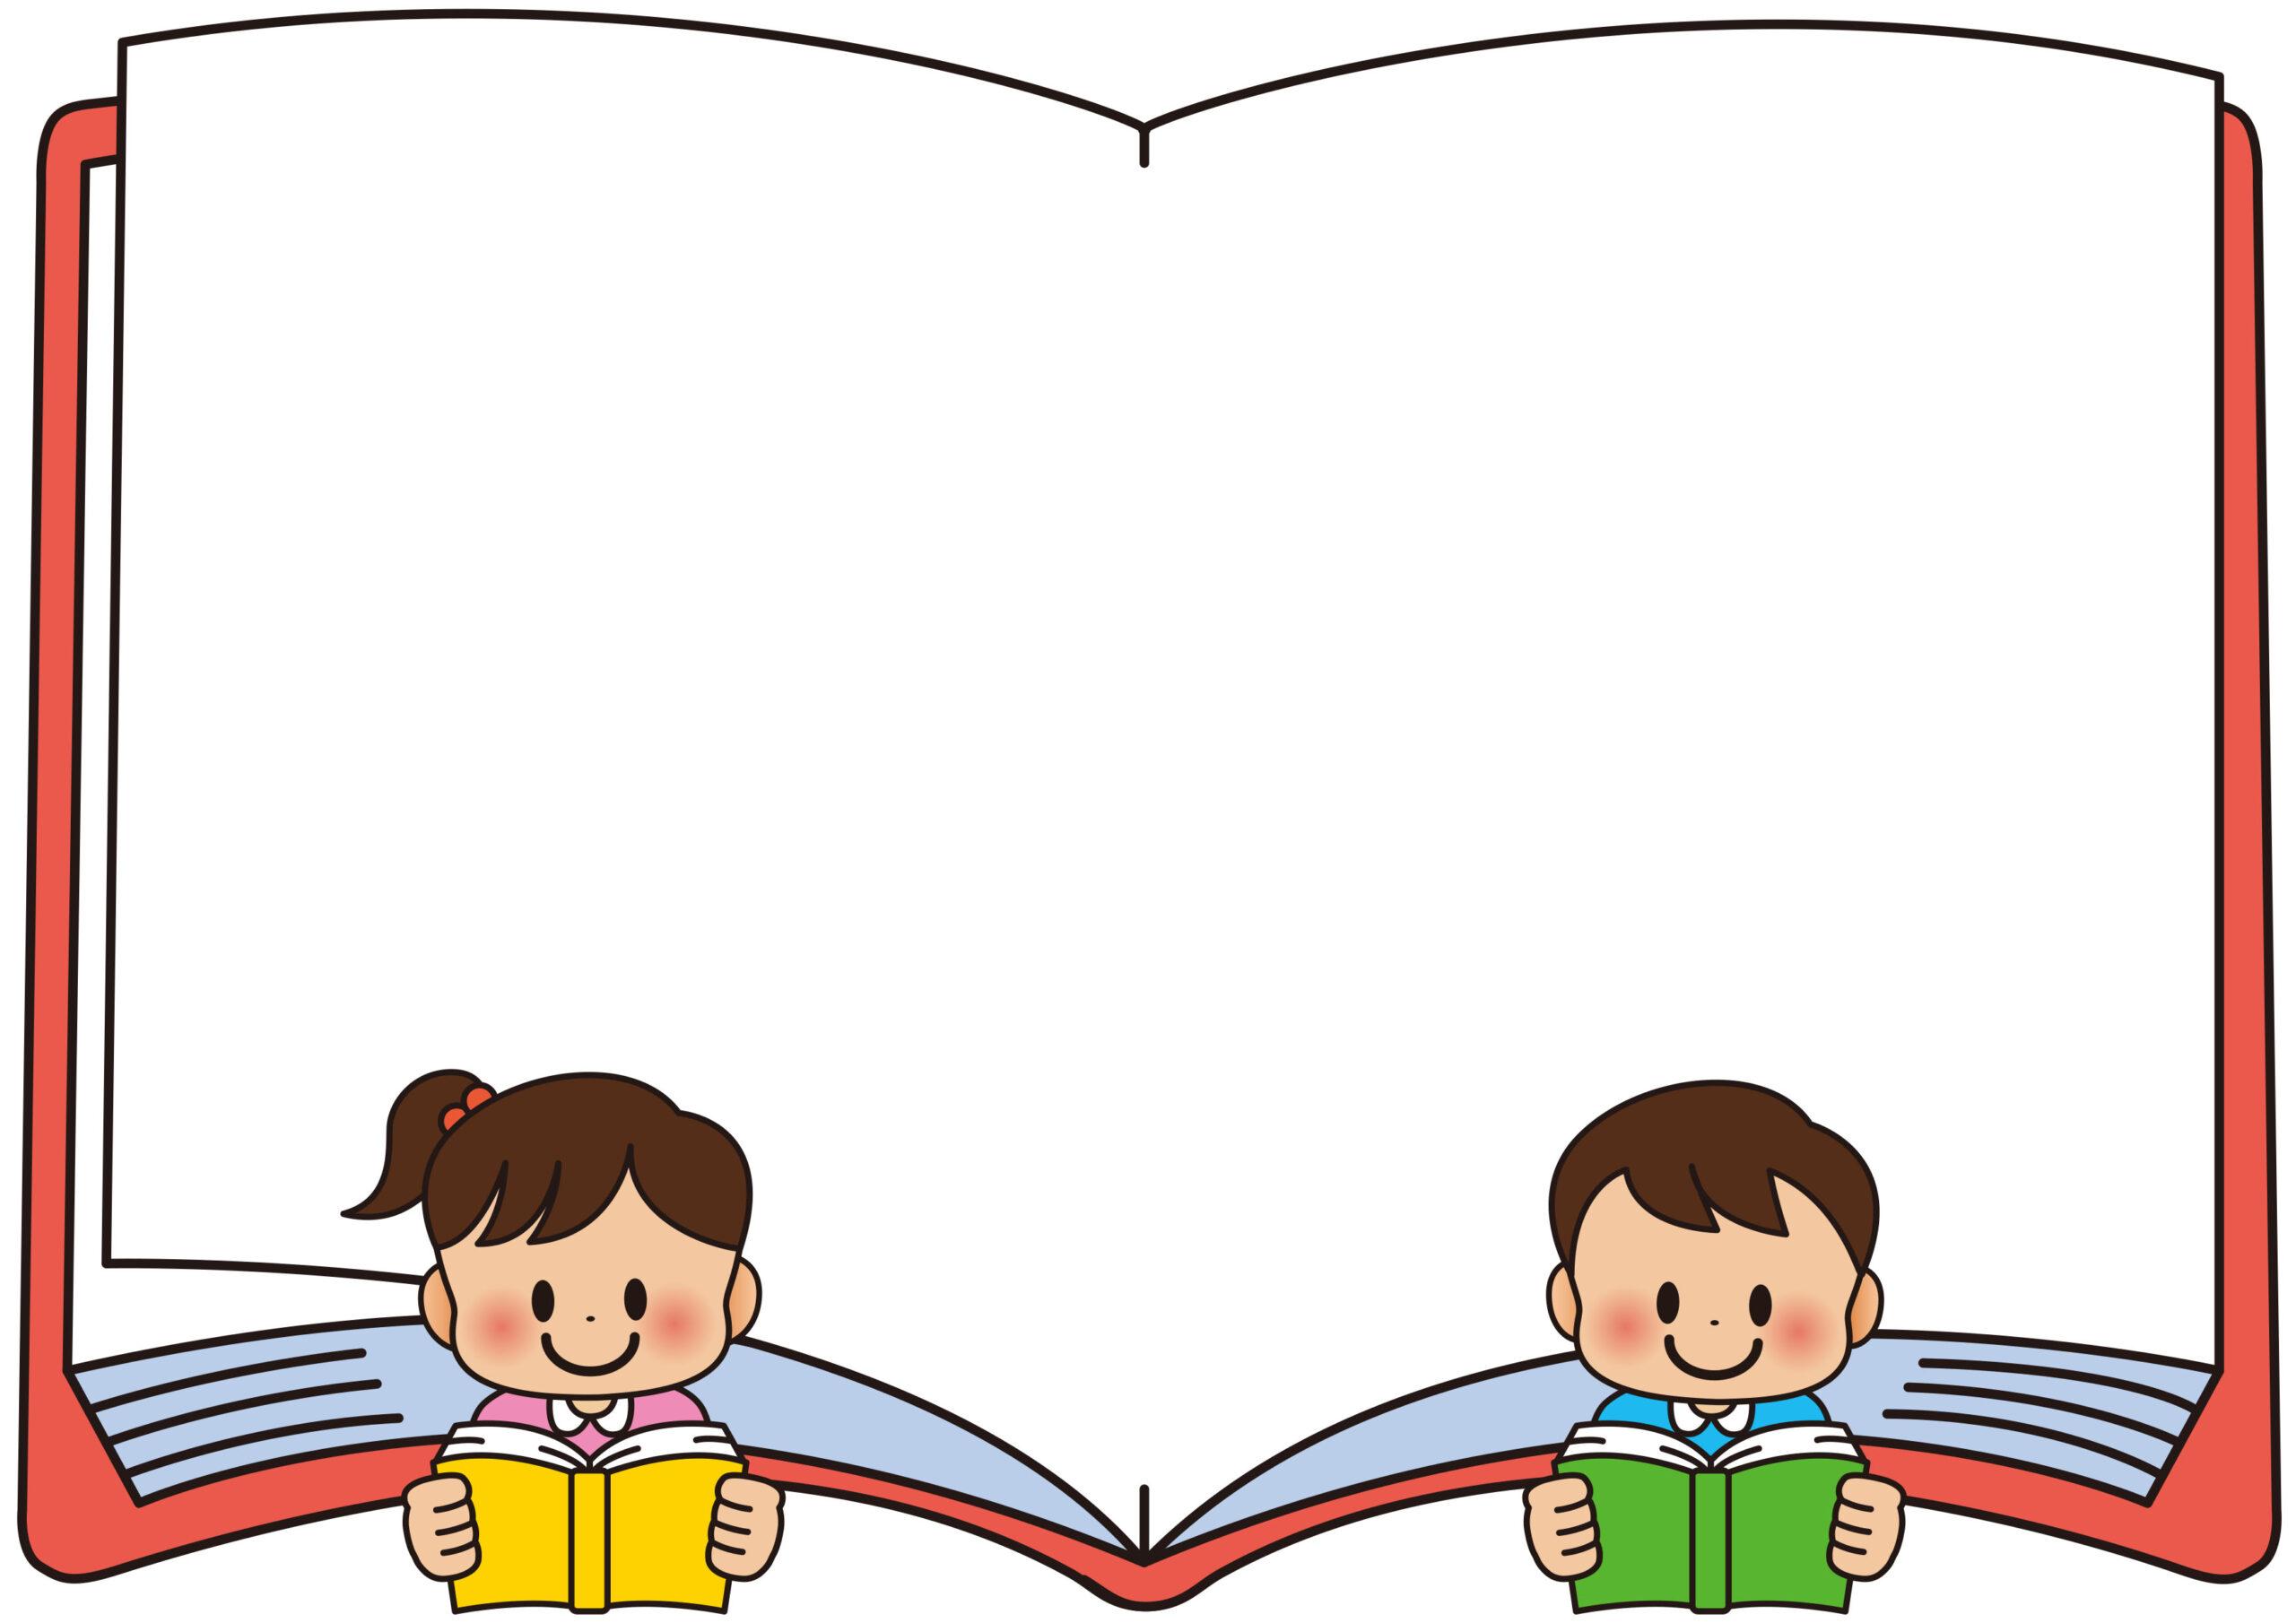 本を読むことが苦手だと感じているあなたに伝えたいおすすめの読書法